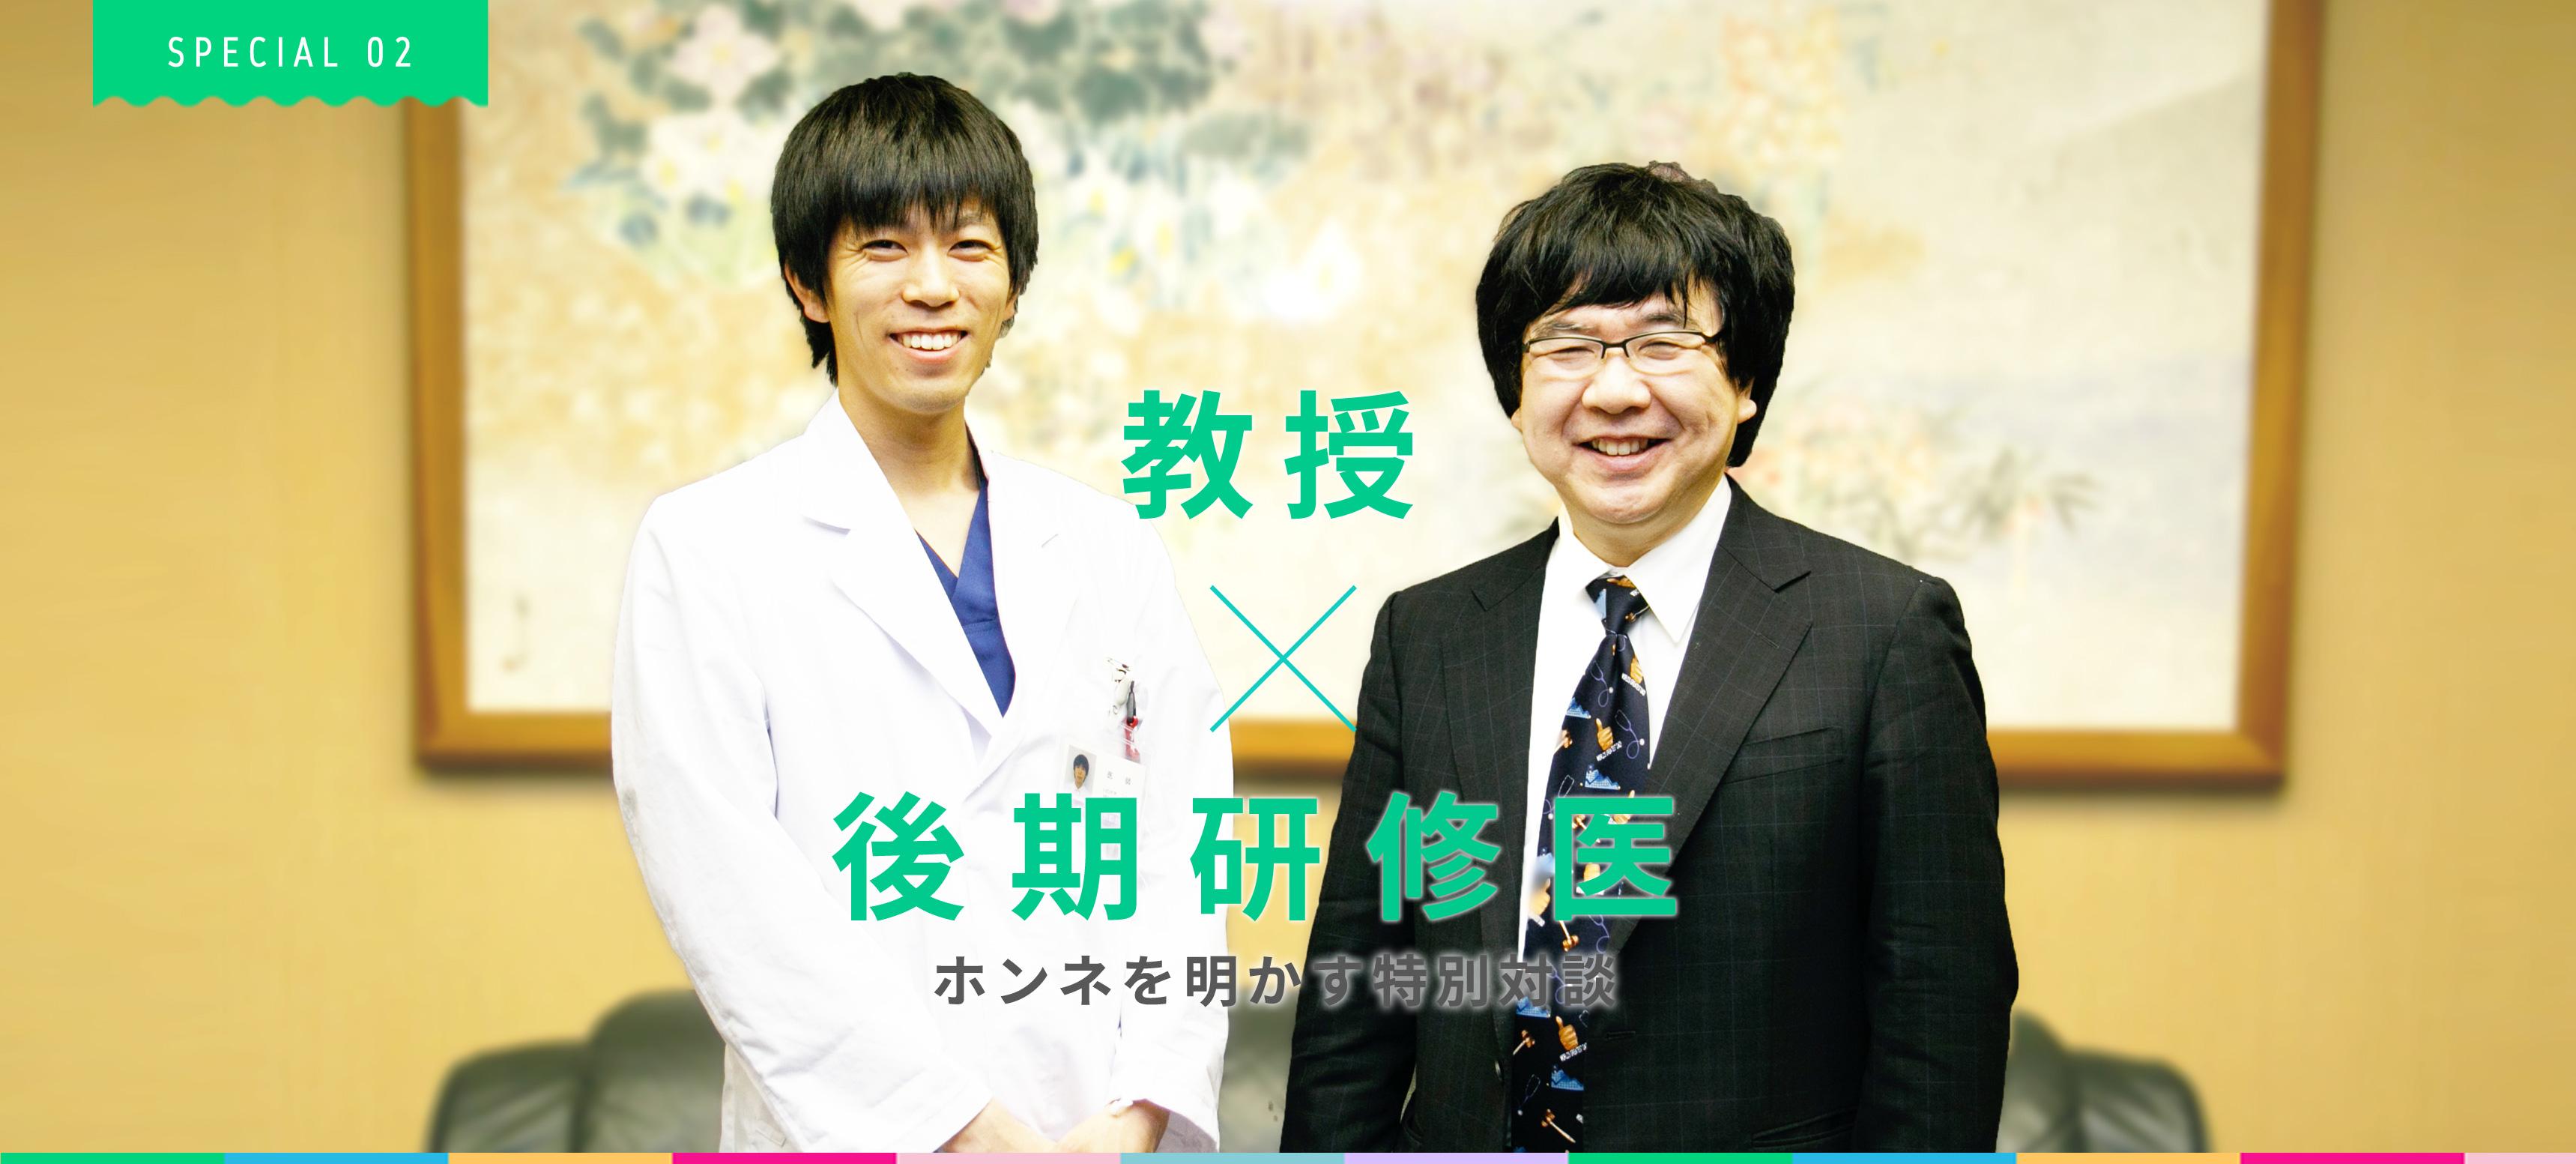 教授×研修医ホンネの対談